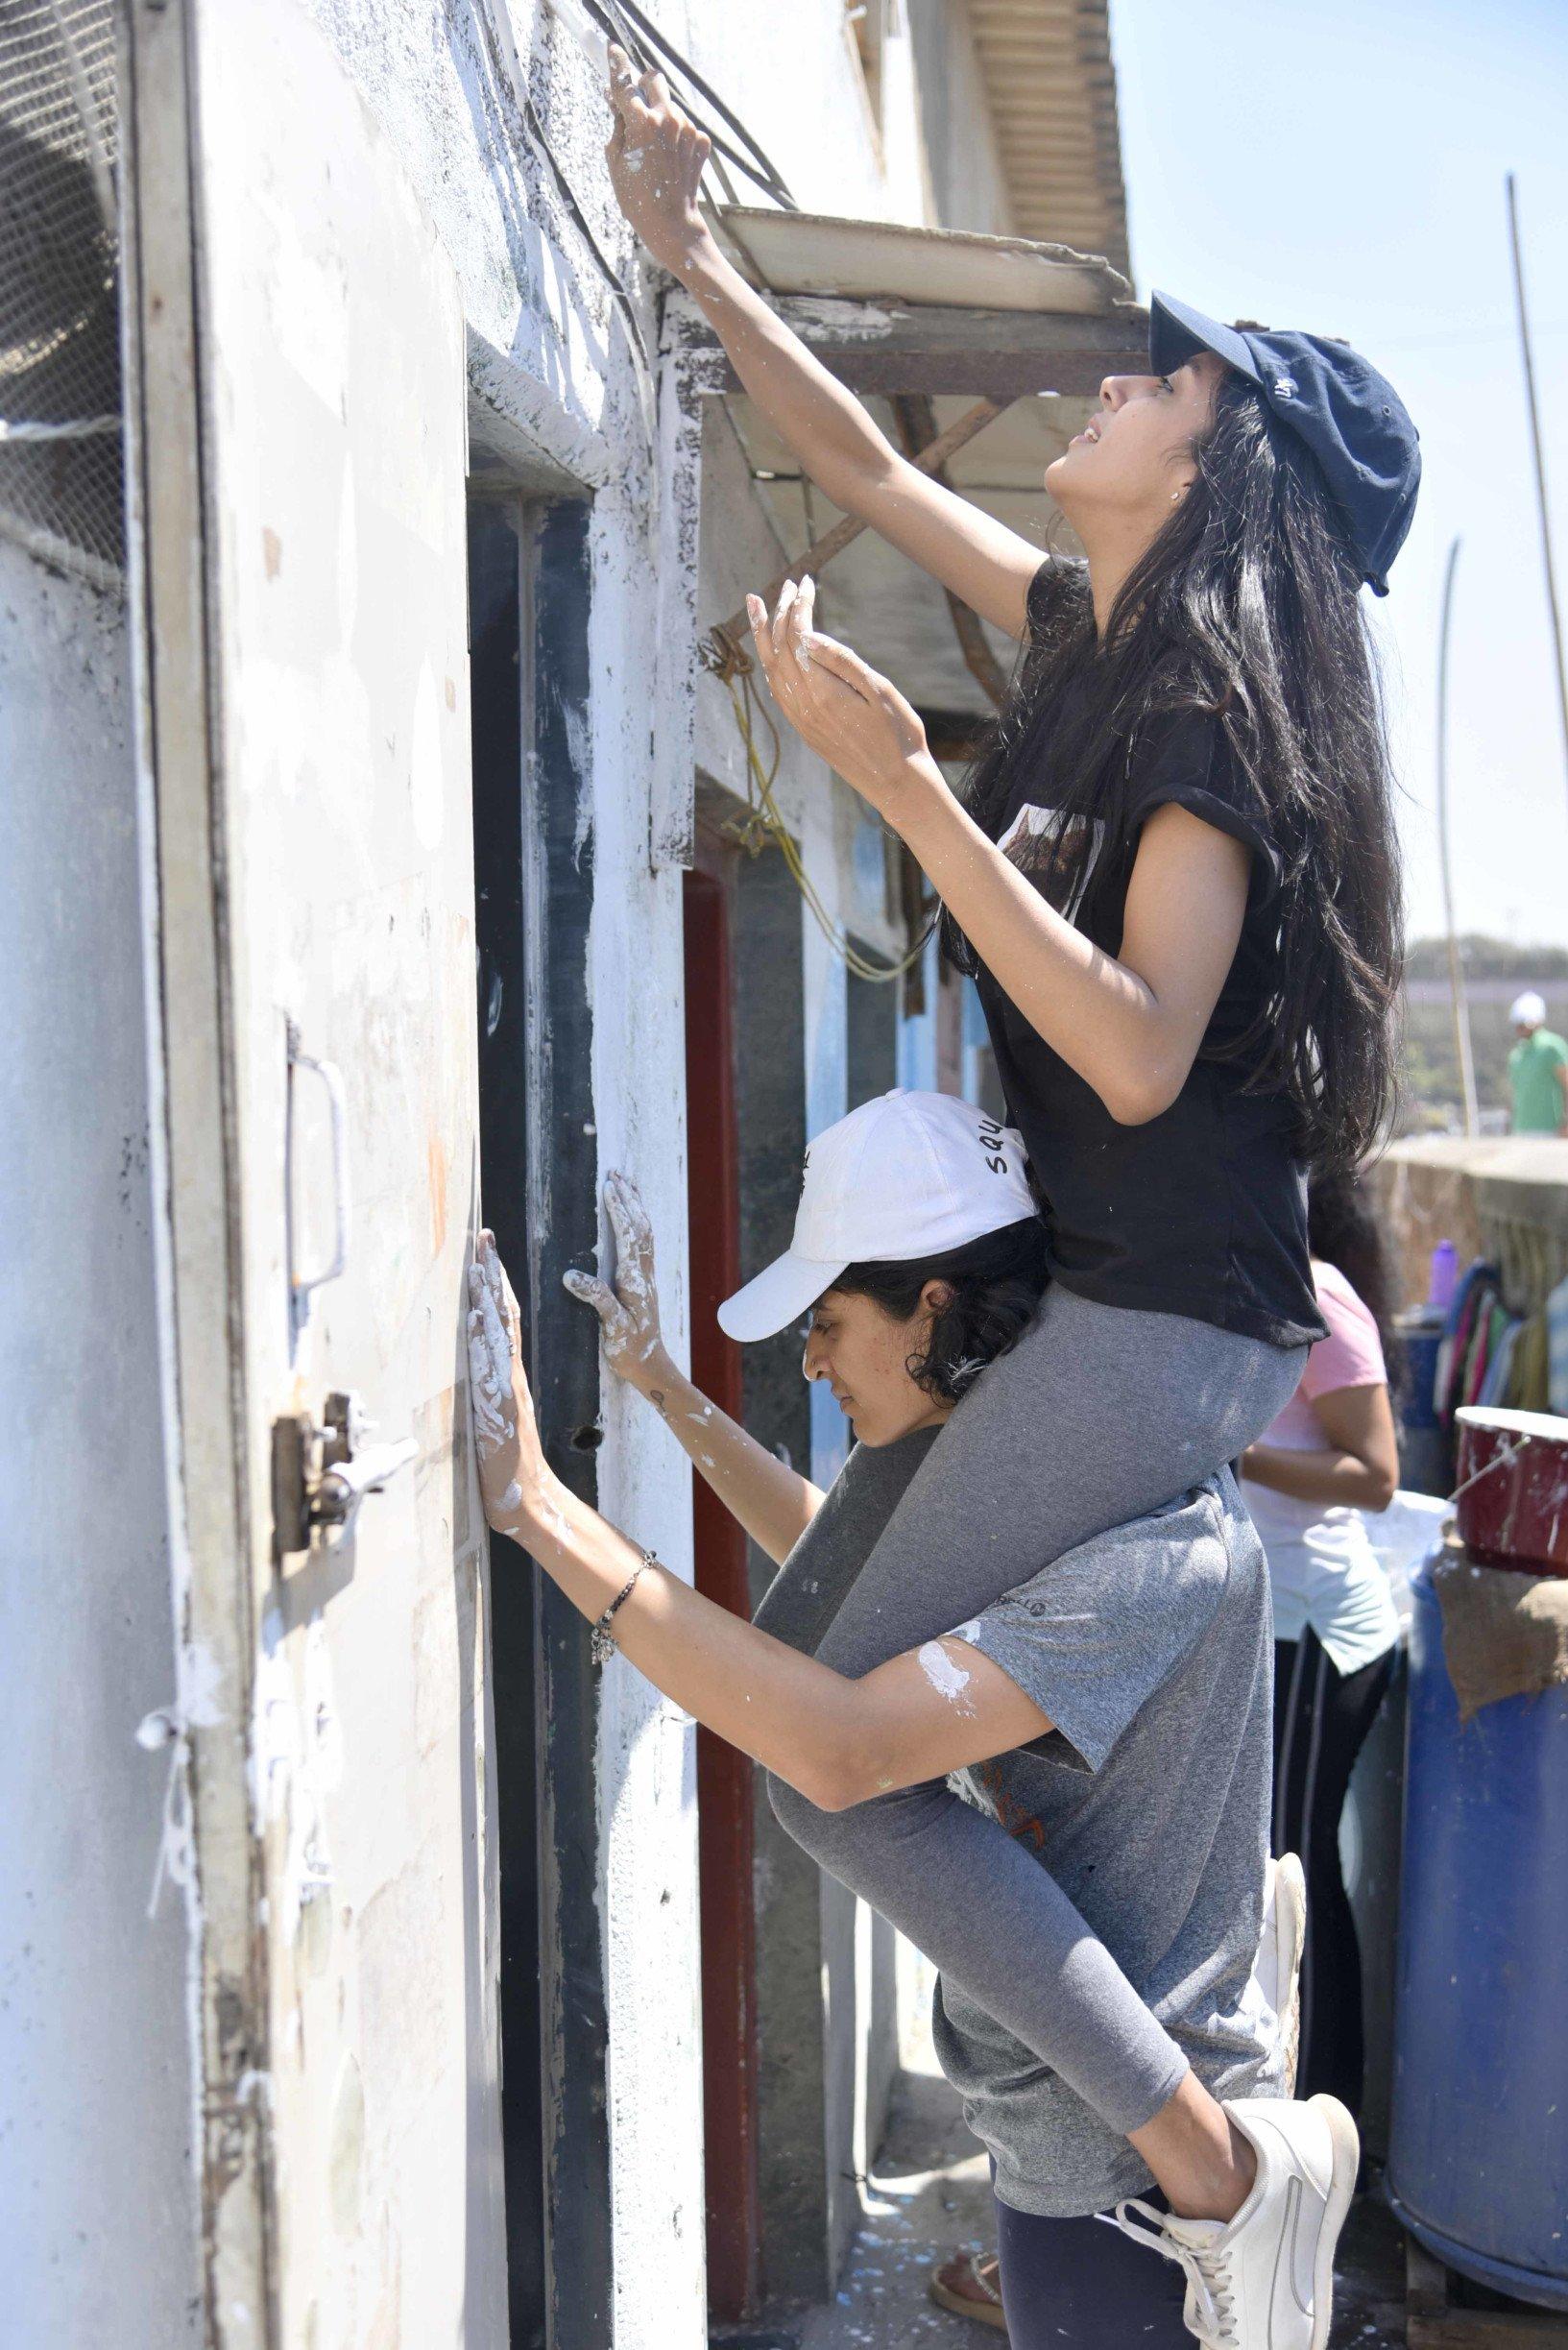 'चल रंग दे' मोहिमेअंतर्गत वरळी नाका इथल्या घरांचा कायापालट